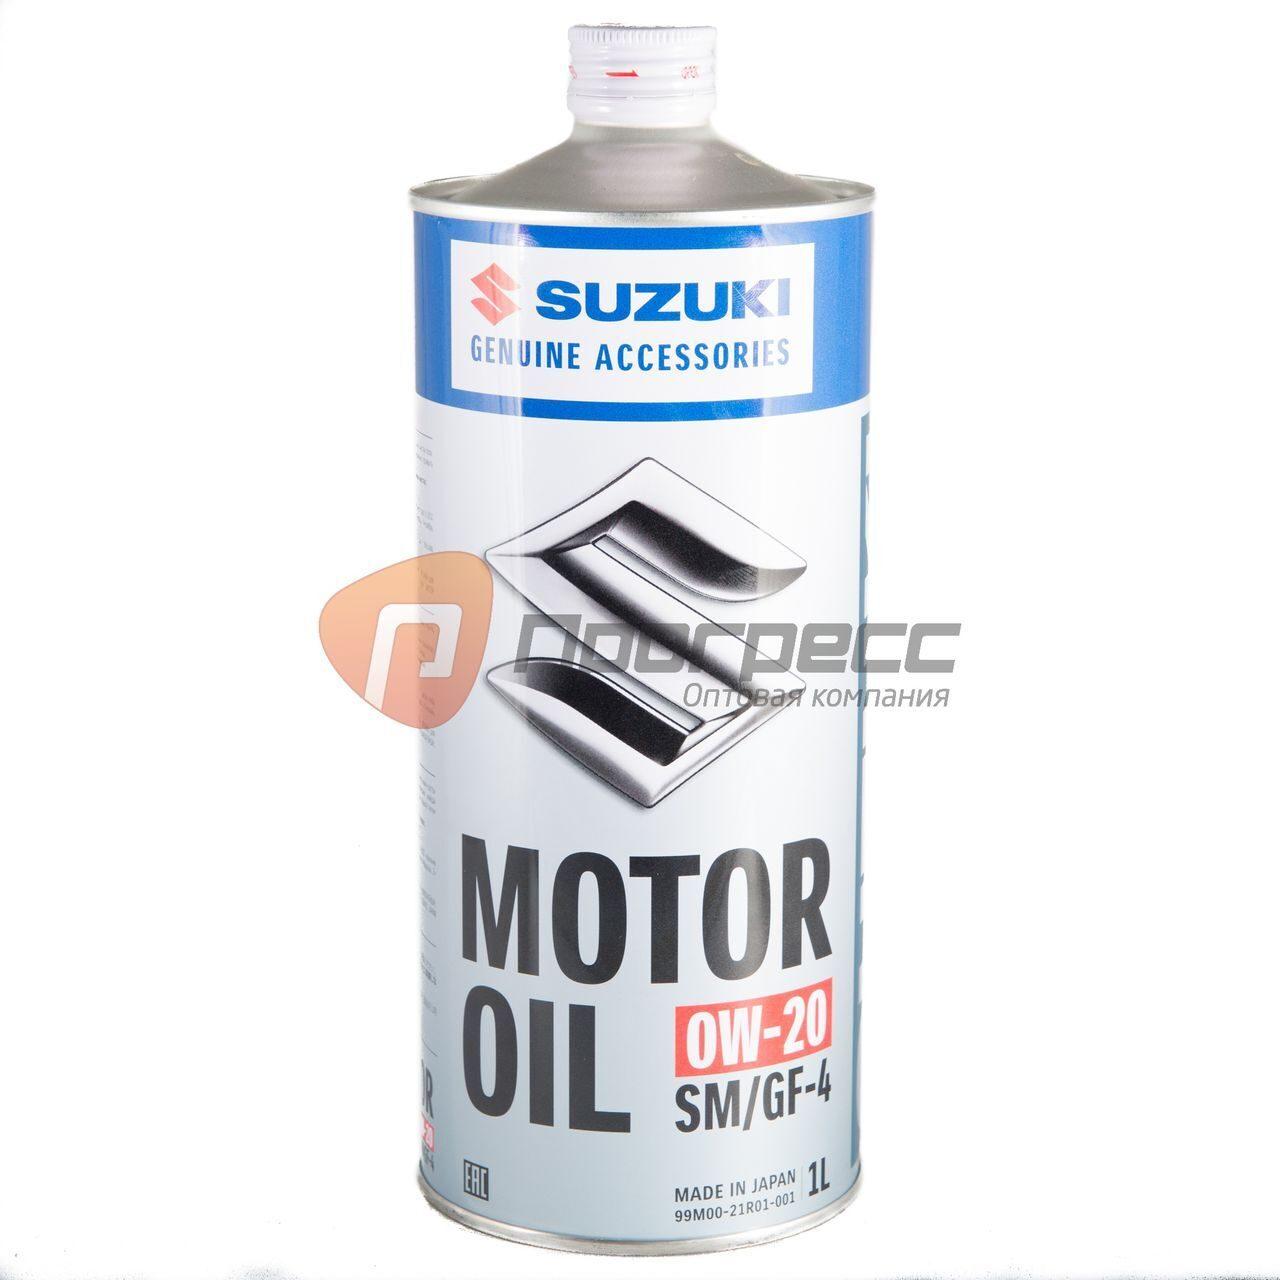 Suzuki Motor Oil 0w 20 1